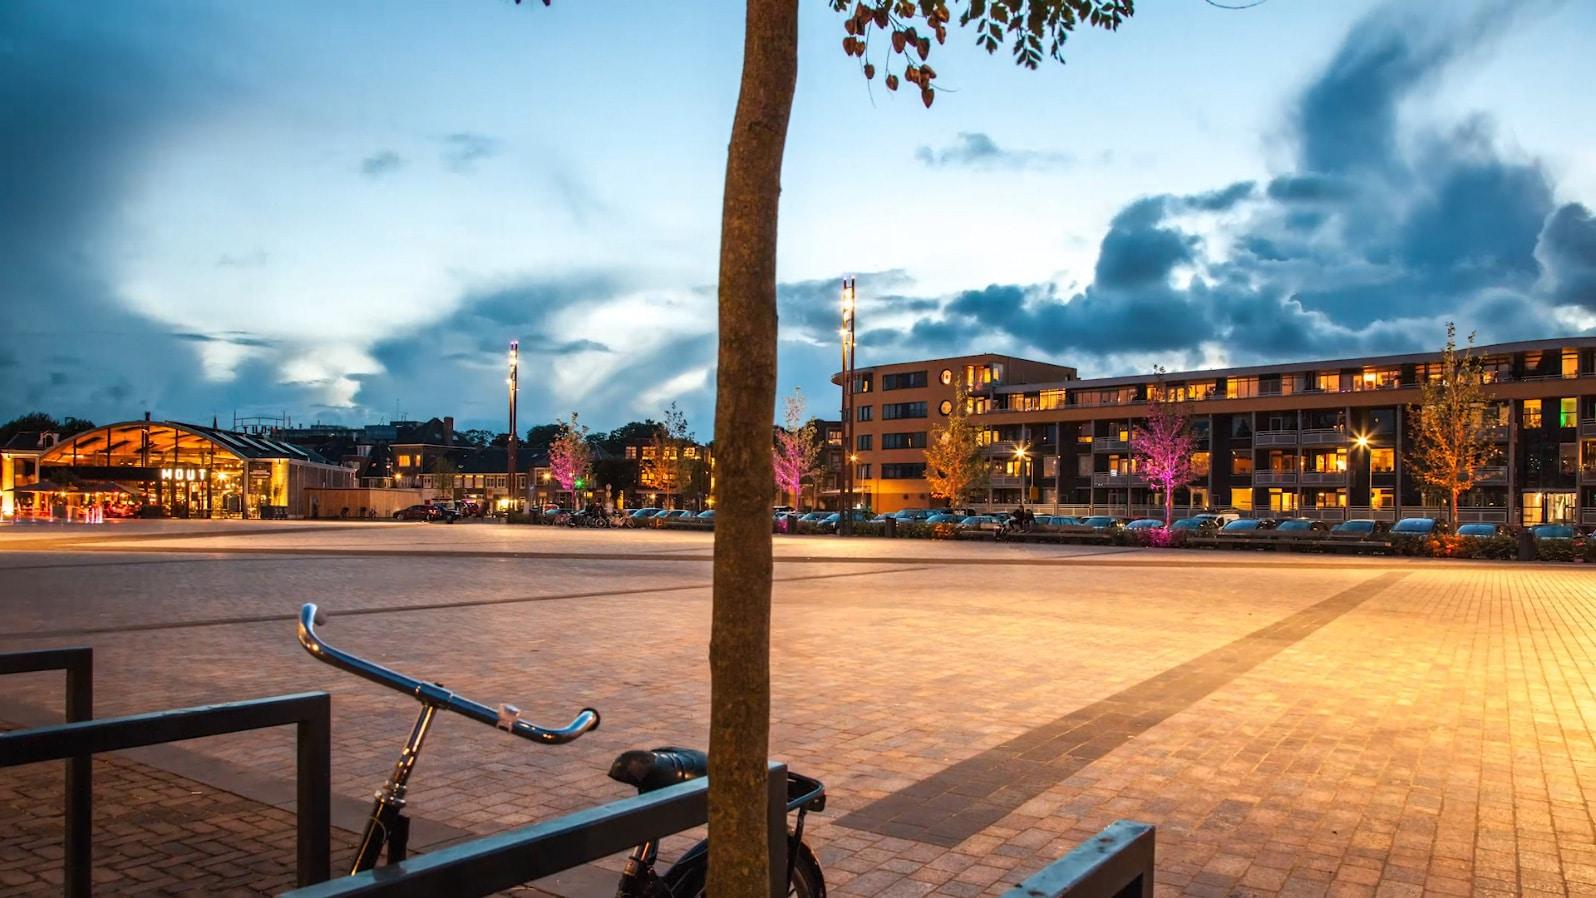 Aubrilam-projet-Pays-Bas-6